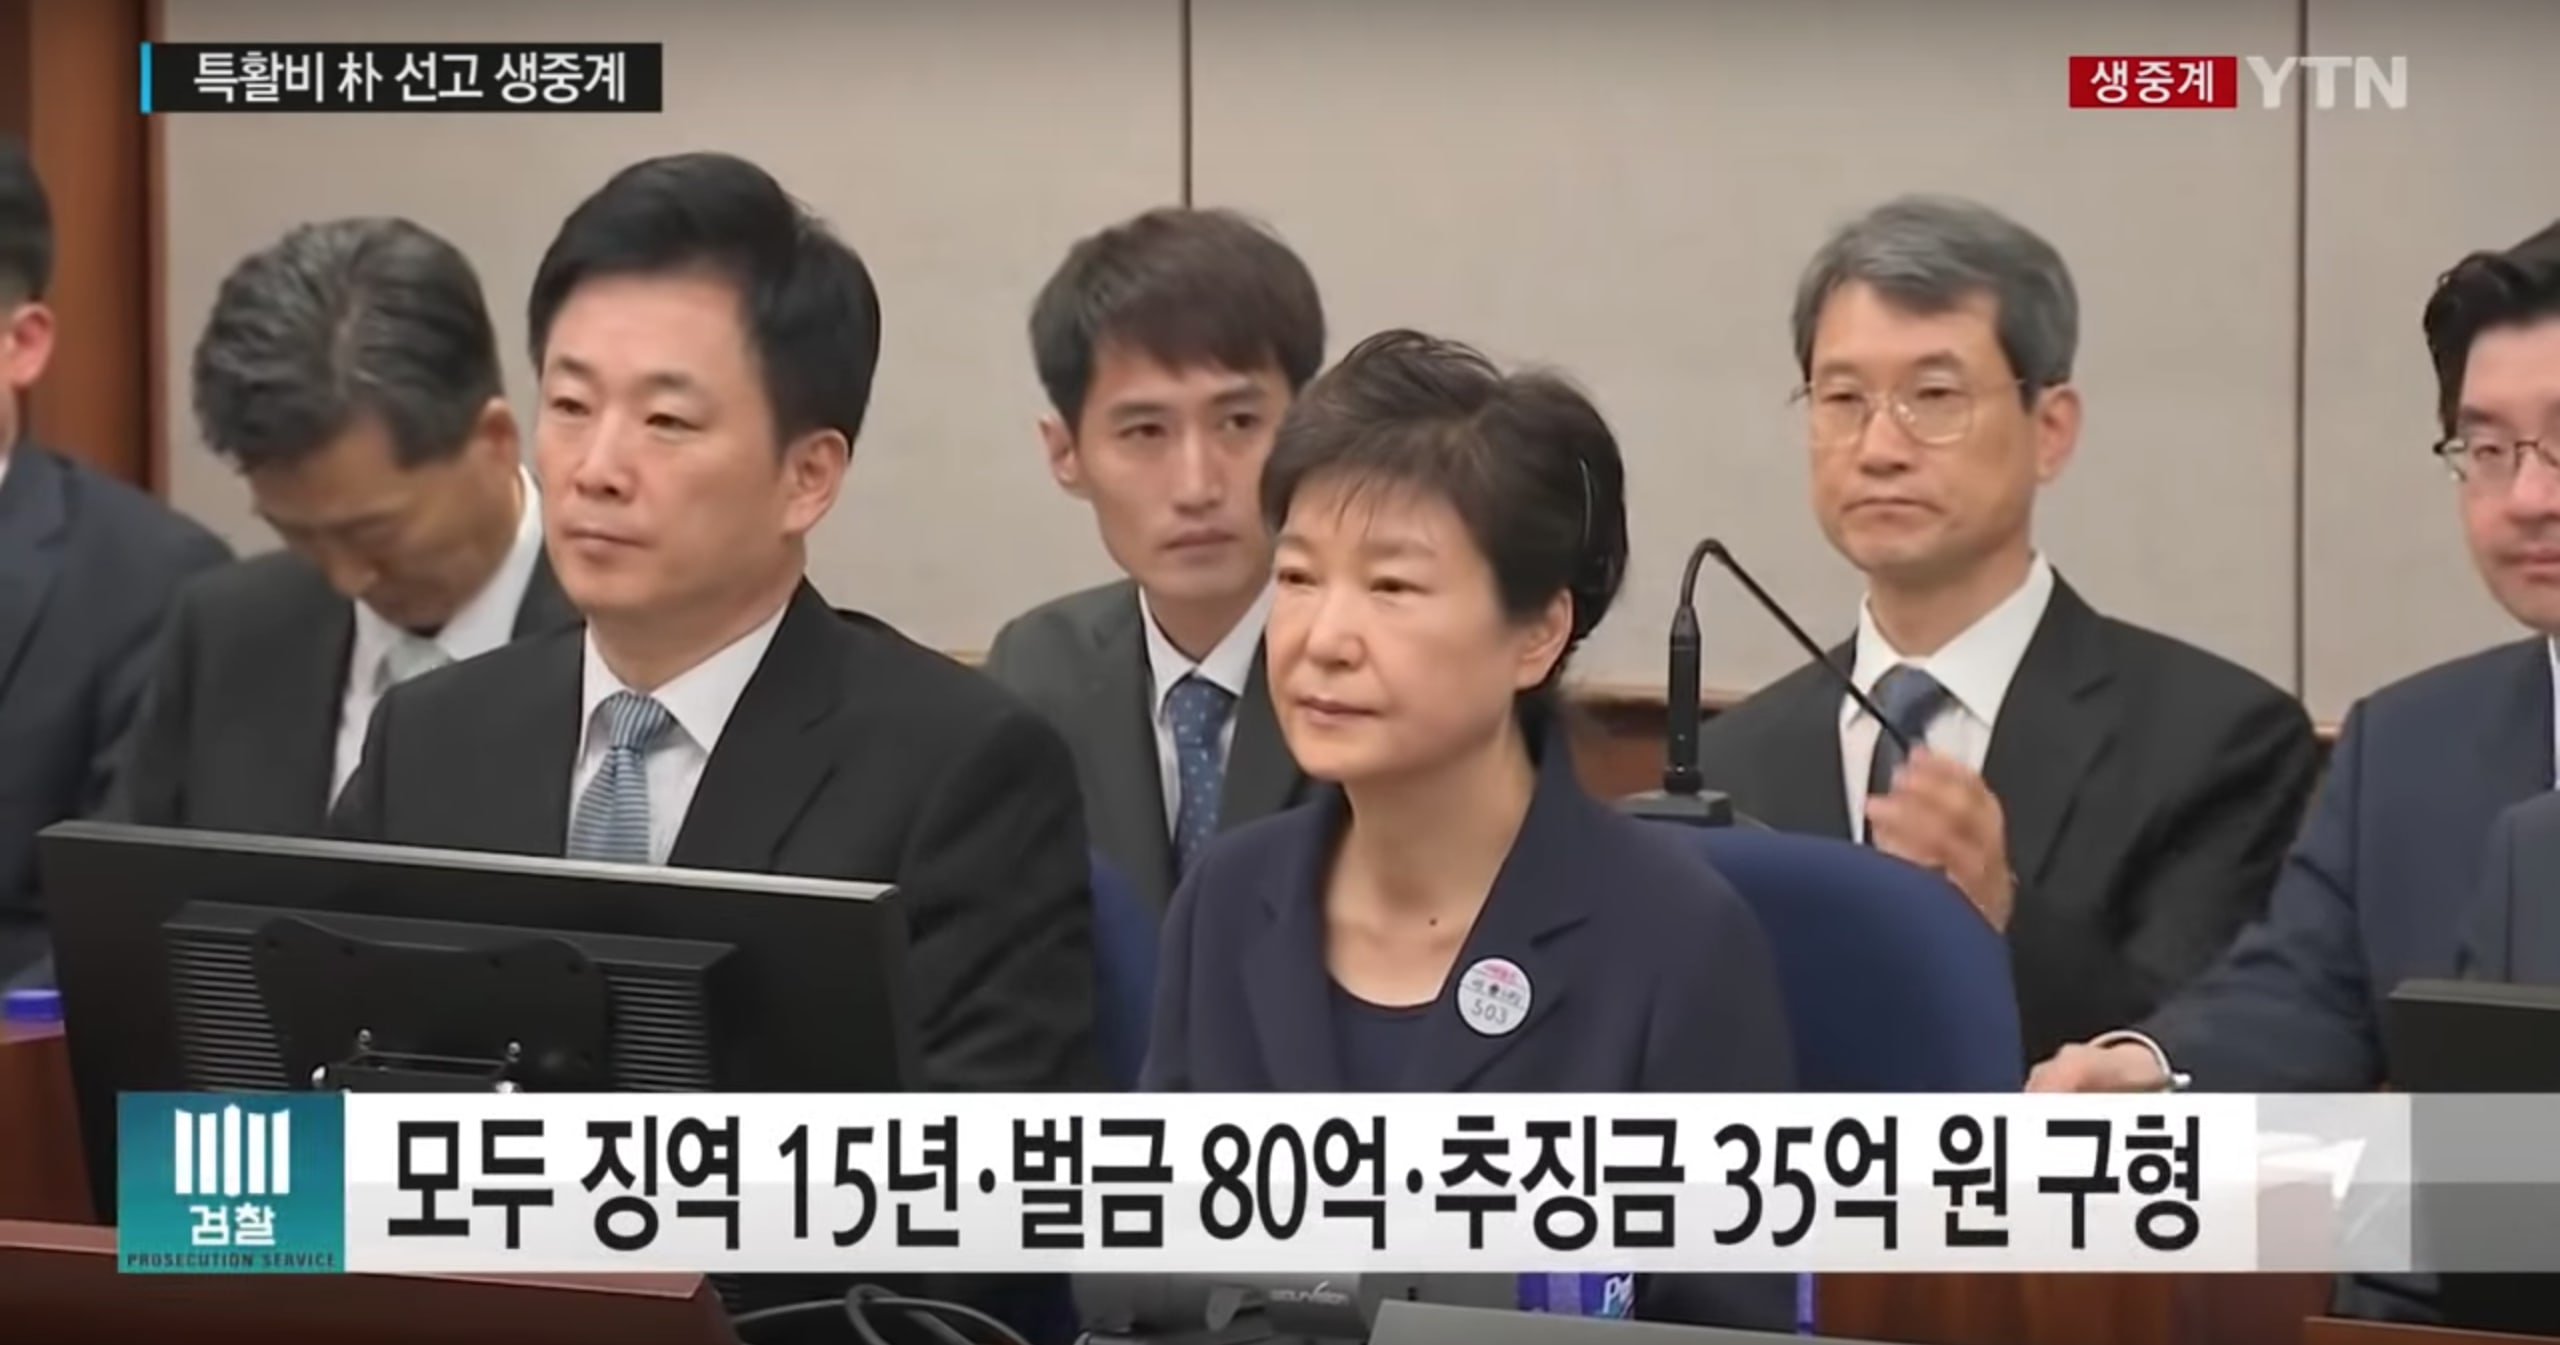 Fiscalía solicita 30 años de prisión para la ex presidenta Park Geun Hye